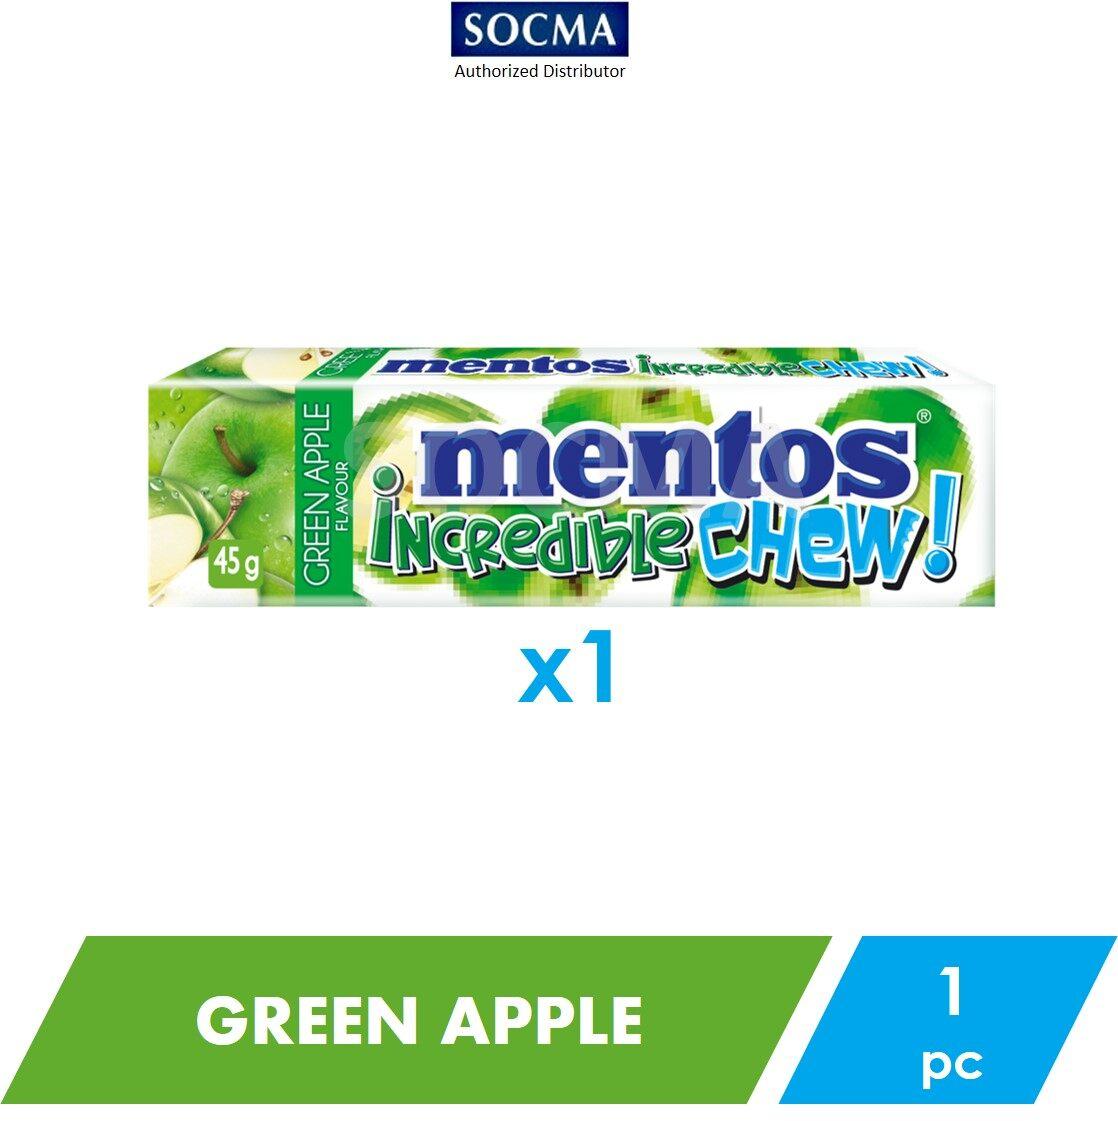 Mentos Incredible Chew Green Apple 45g [1]